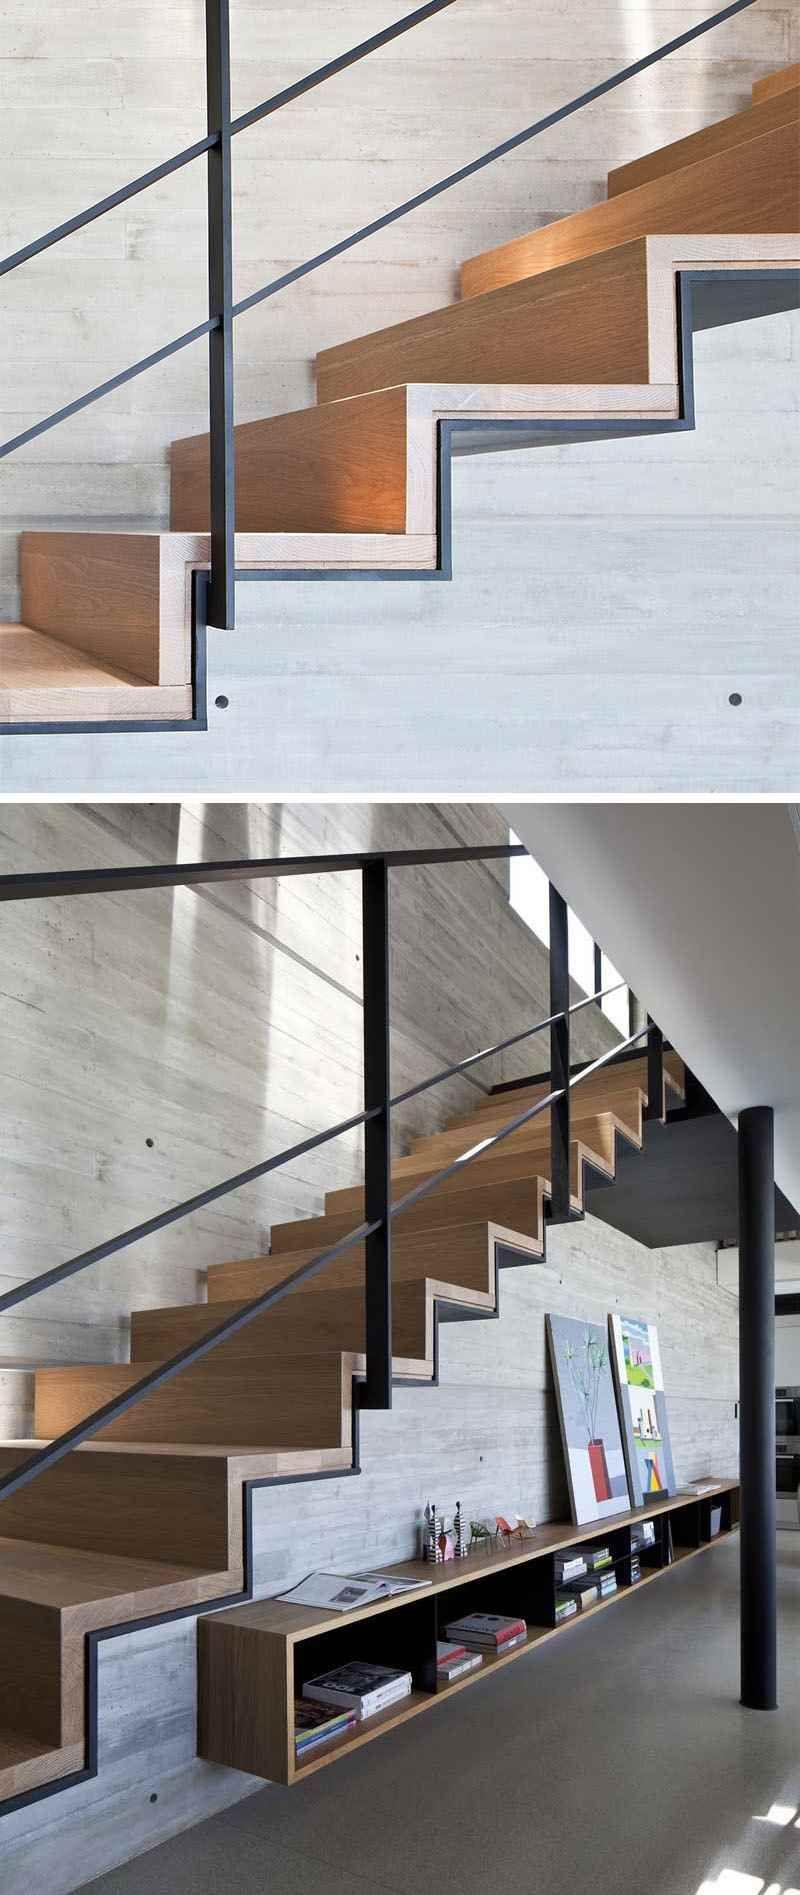 Escalier Interieur Beton Design escalier intérieur design- la beauté est dans les détails